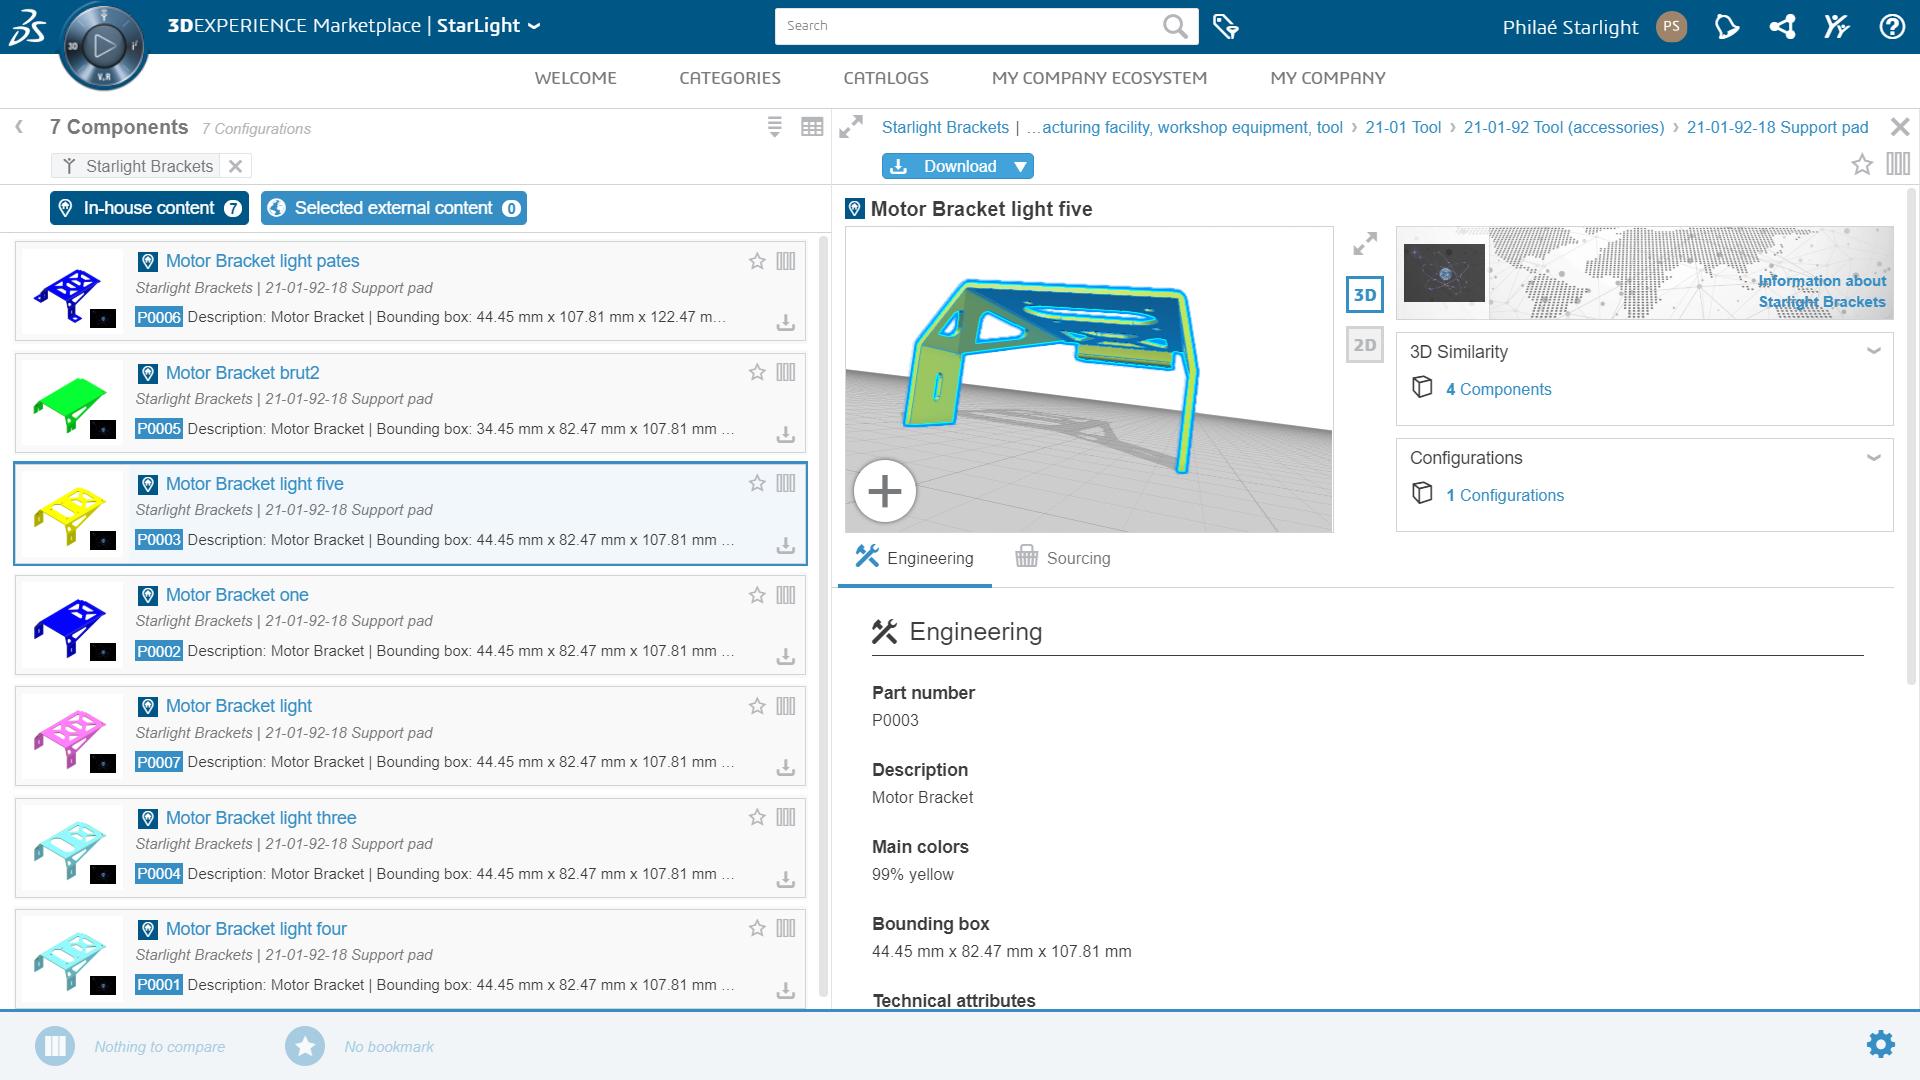 3DEXPERIENCE Marketplace PartSupply: Auswahl interner und externe Komponenten